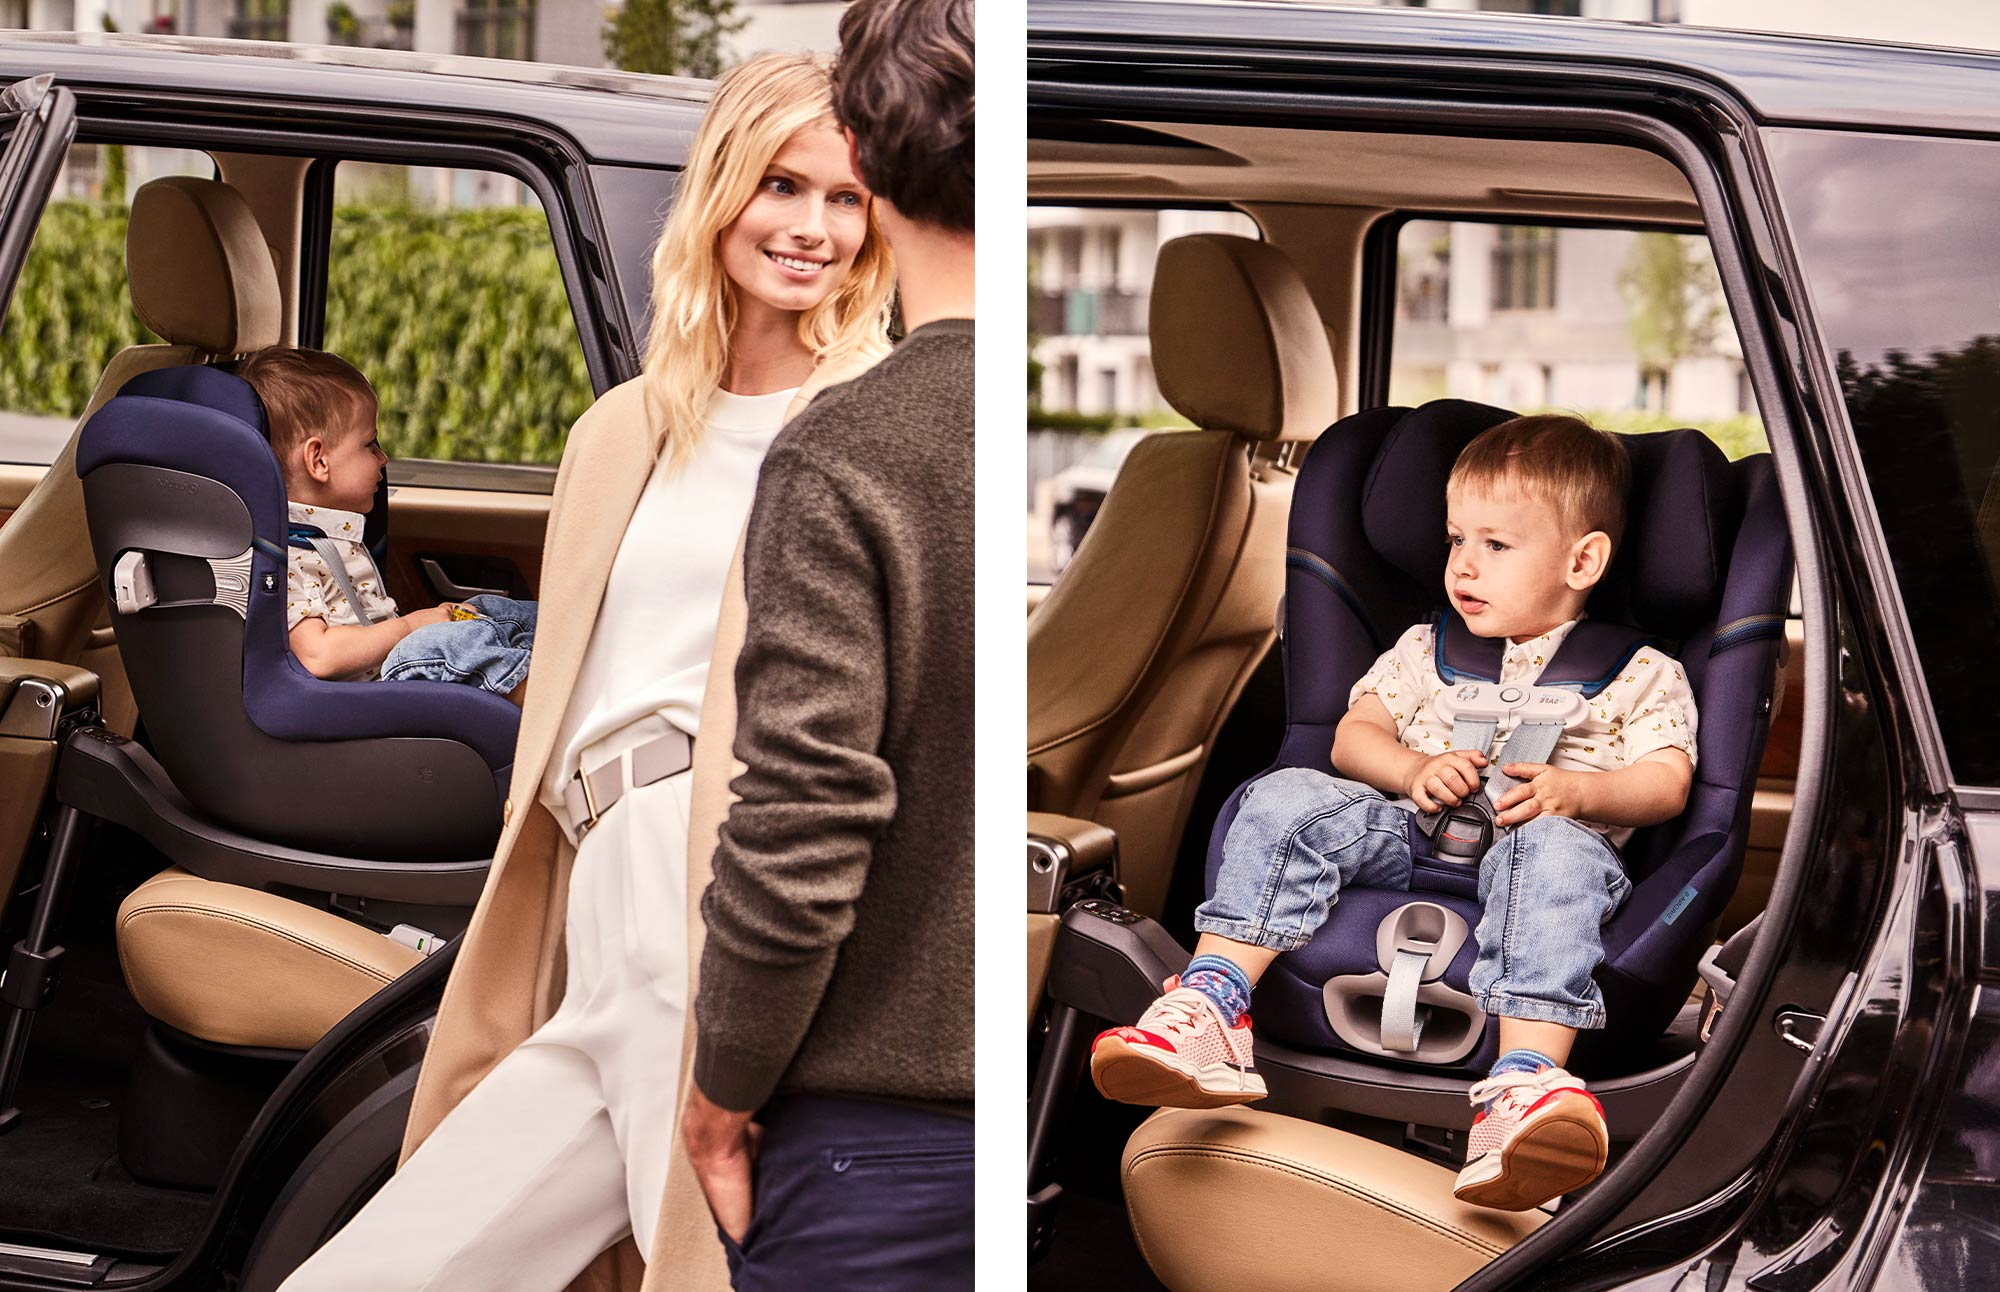 Автокресло, повернутое против движения - Безопасная езда против движения с рождения и примерно до 4 лет